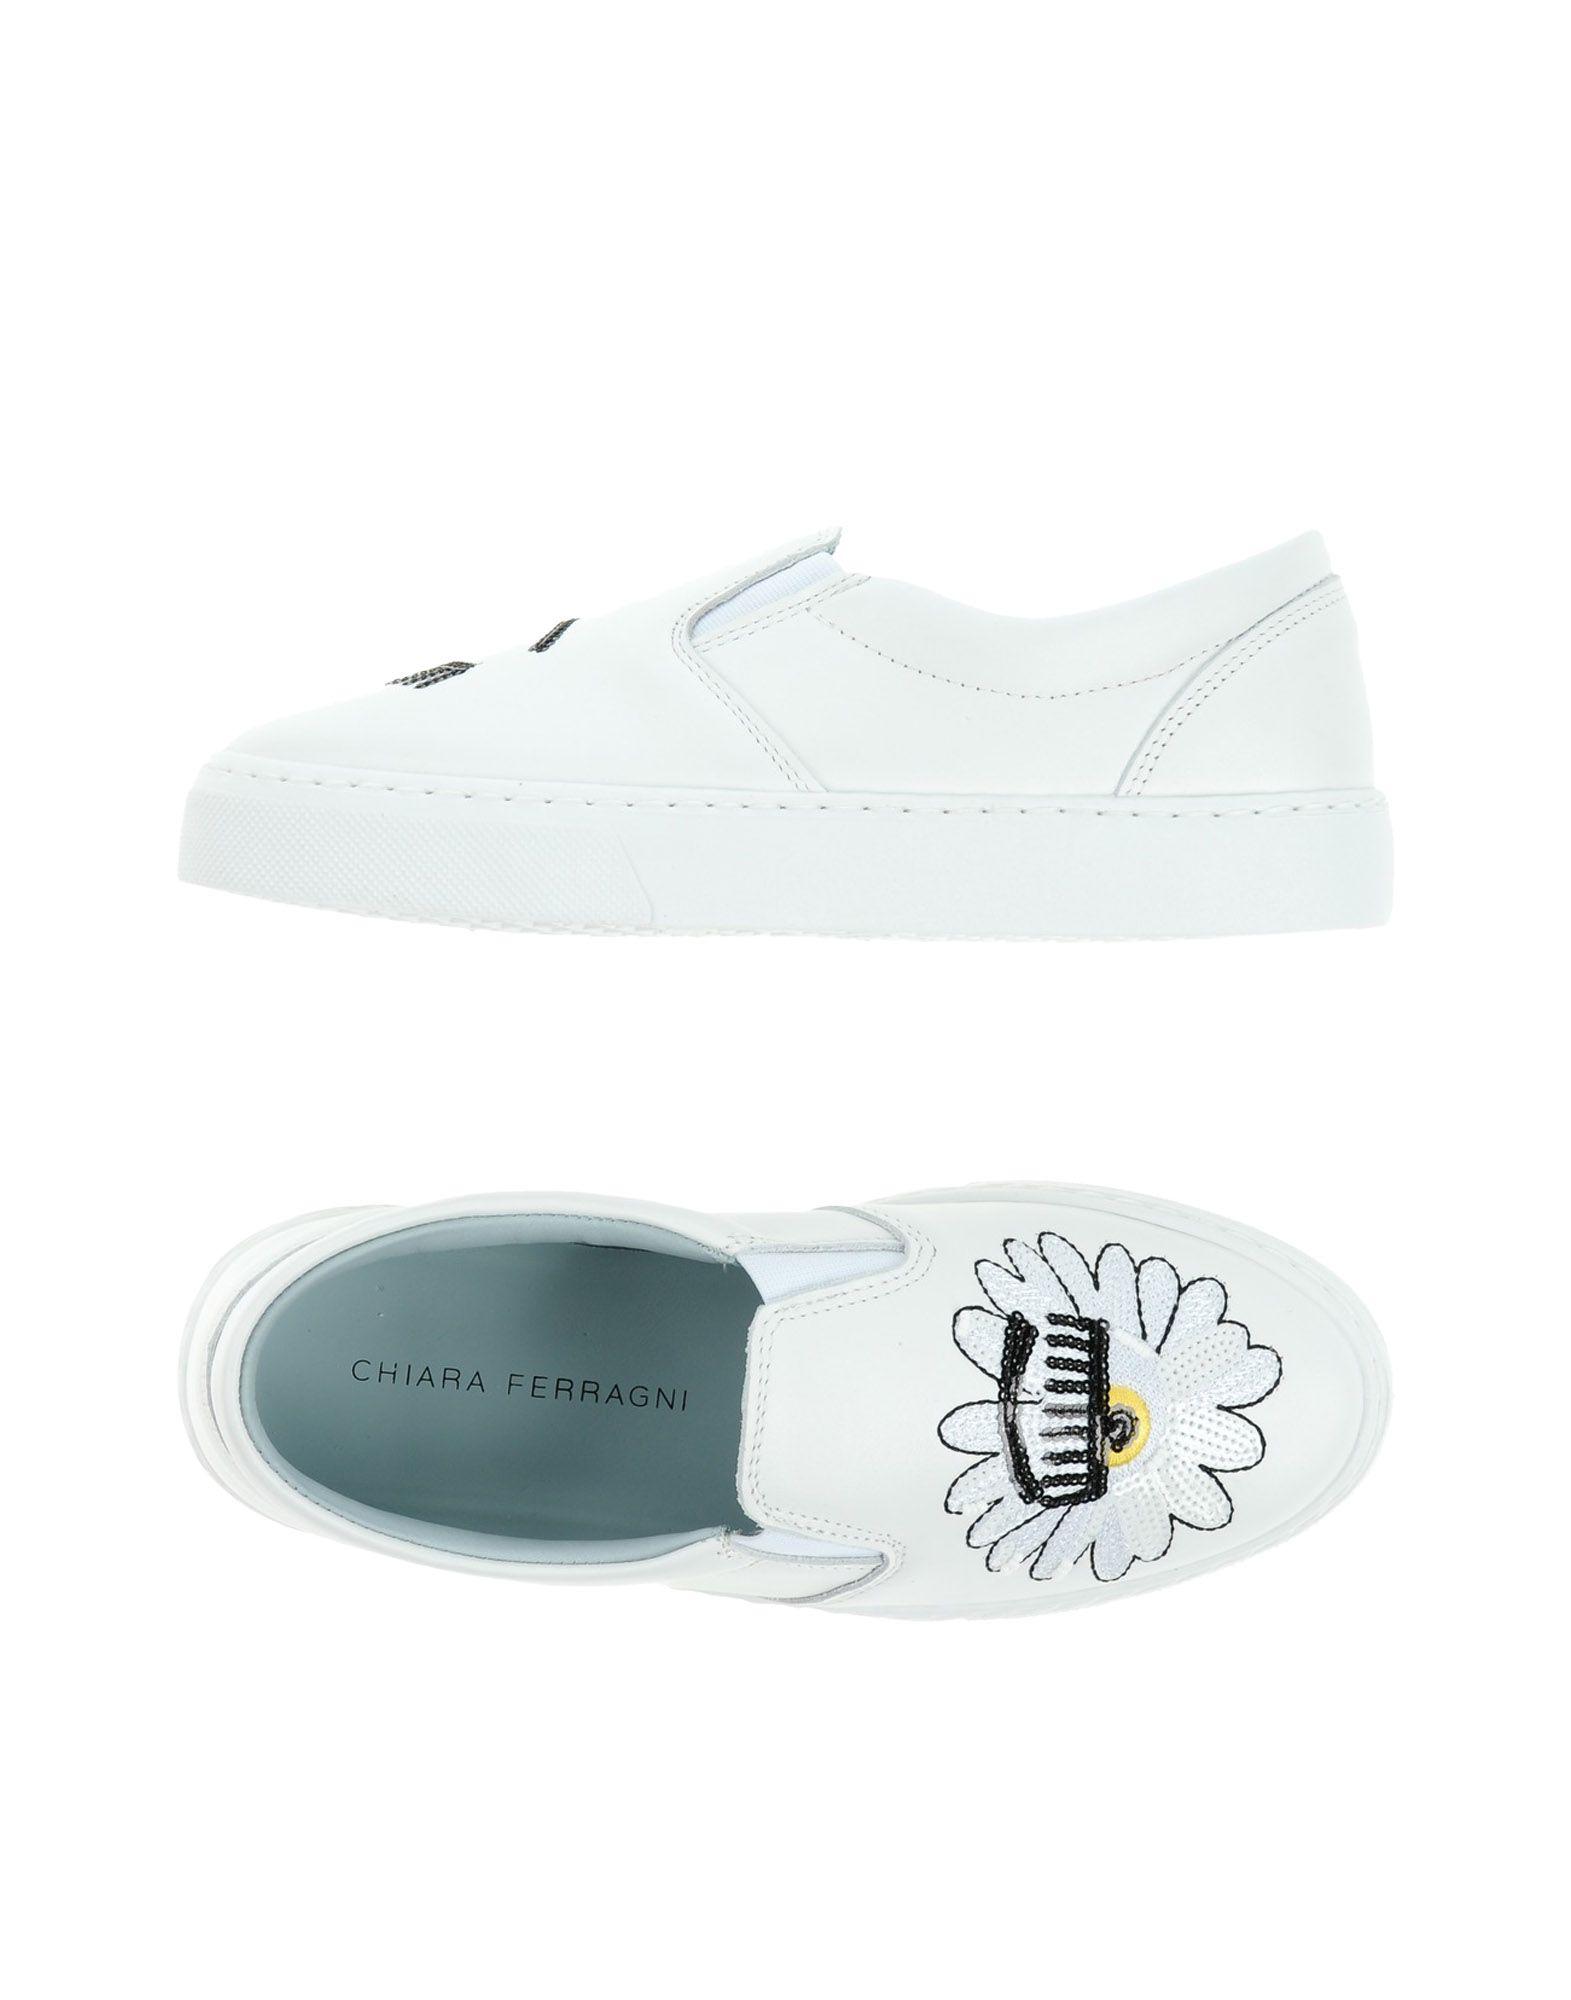 Chiara Ferragni Gute Sneakers Damen  11336690FJ Gute Ferragni Qualität beliebte Schuhe 1243b8